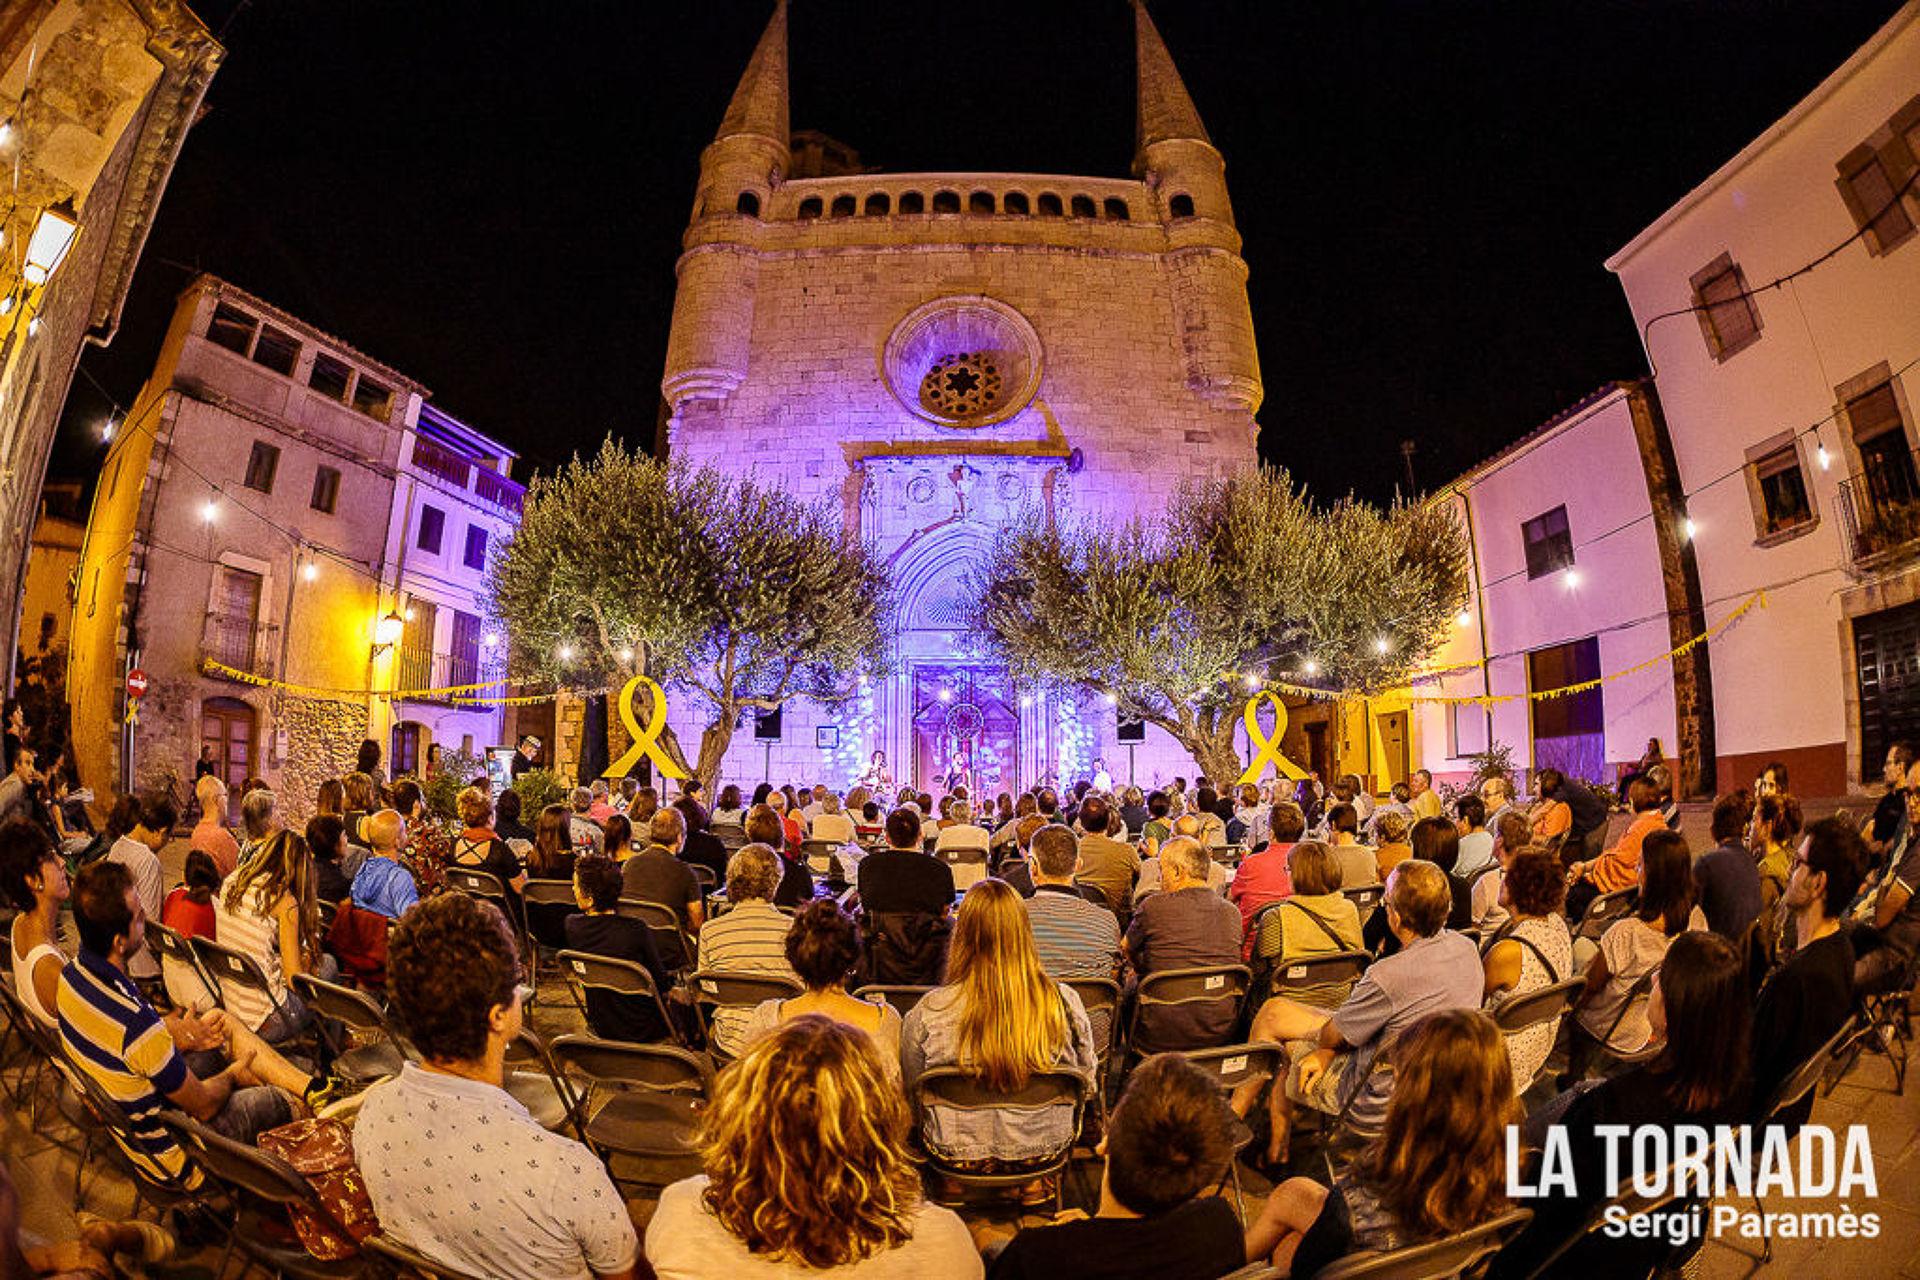 Pi de la Serra, Cesk Freixas i Joina als Concerts de Tornada